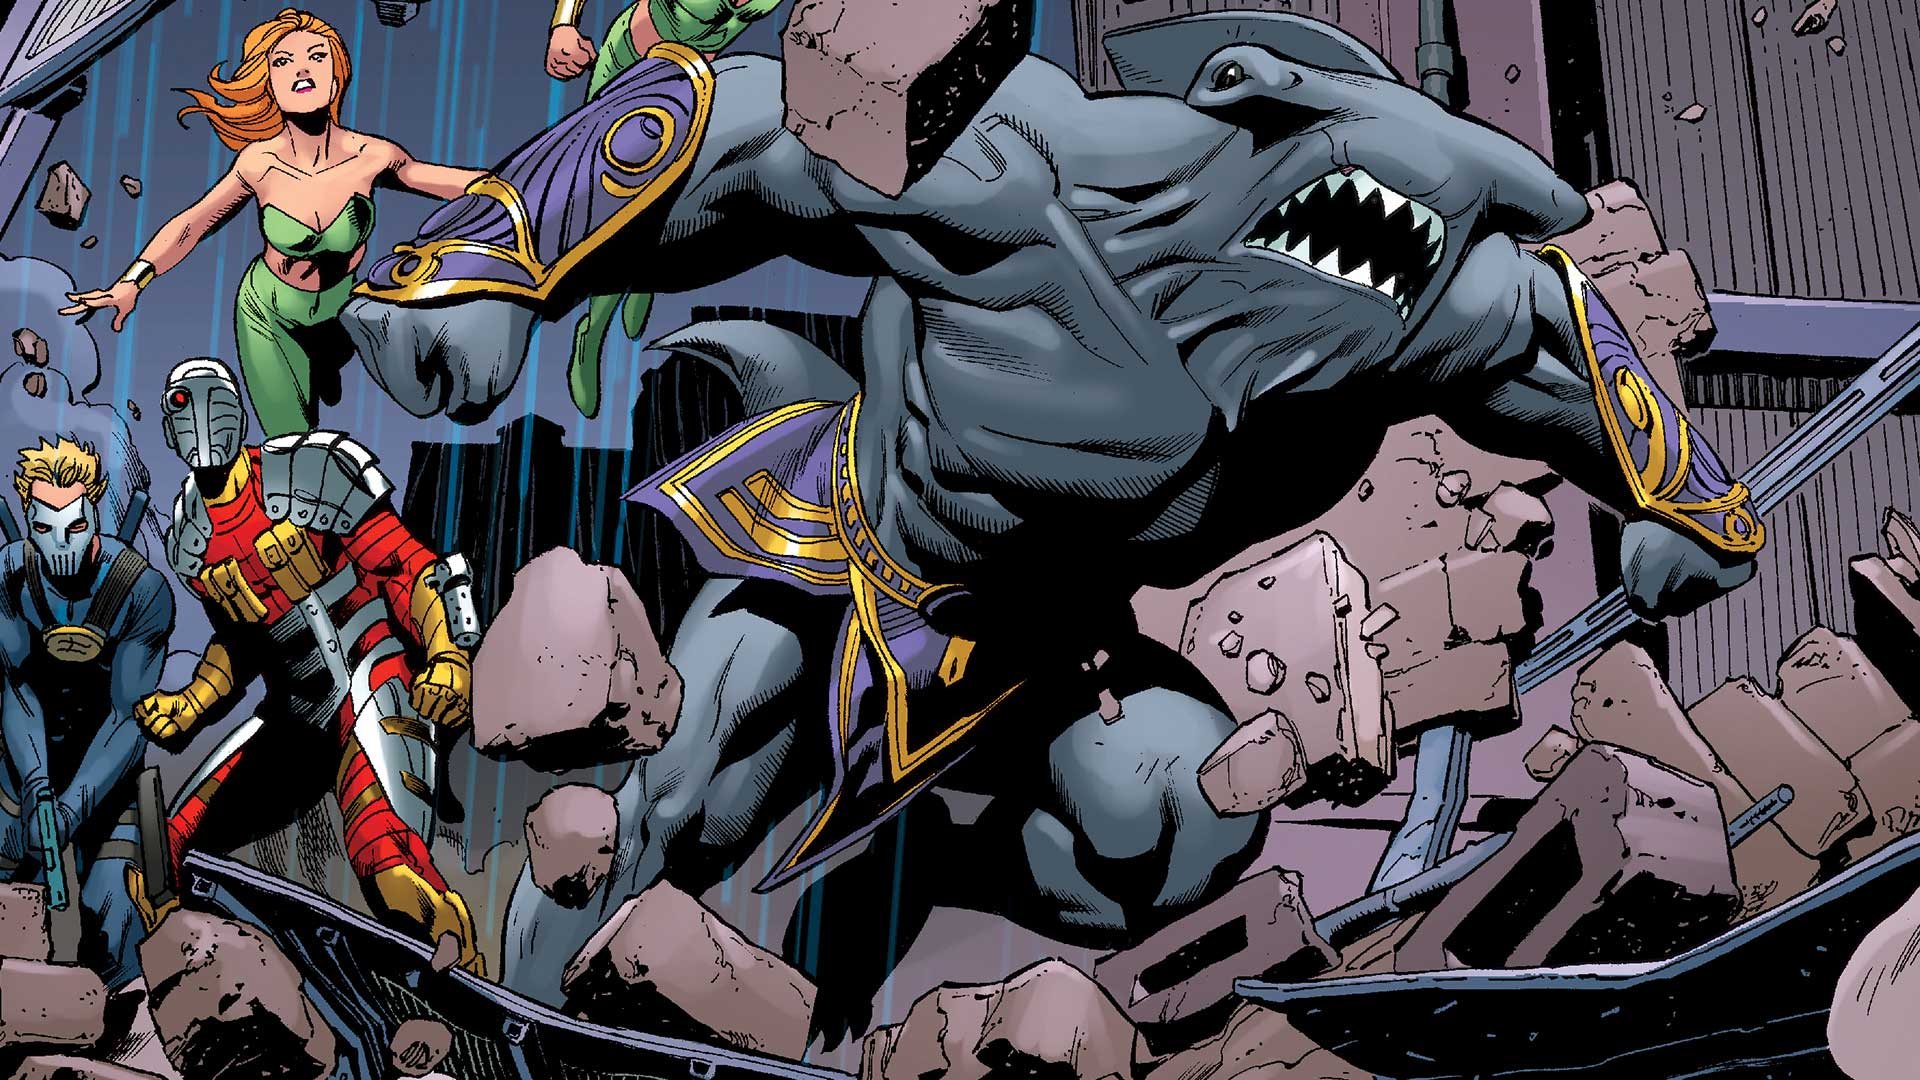 King Shark nella versione a fumetti